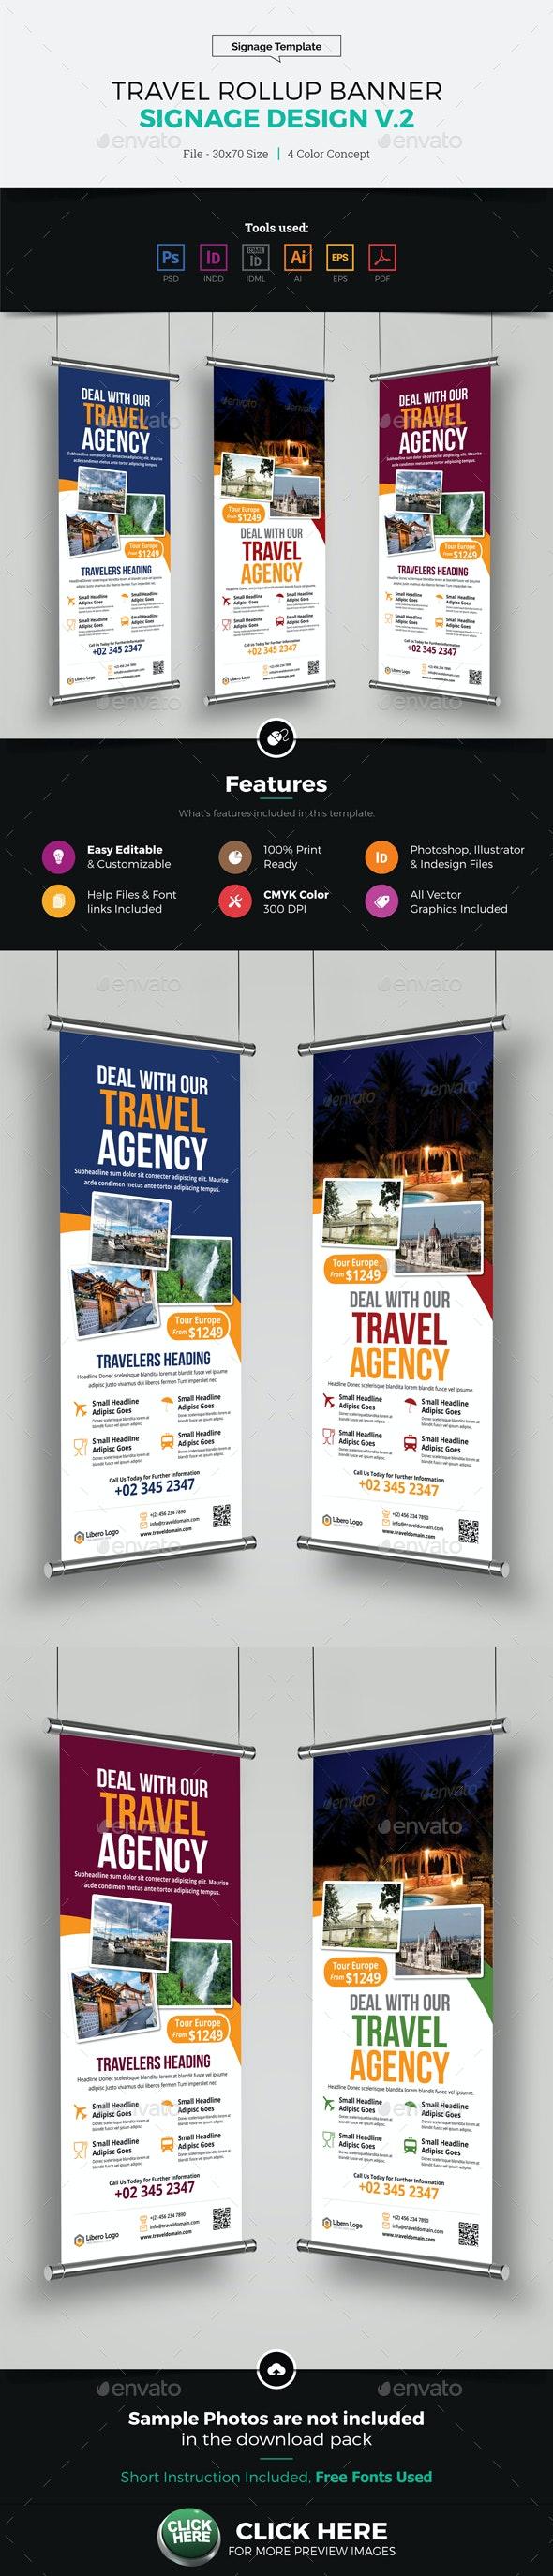 Travel Rollup Banner Signage Design v2 - Signage Print Templates